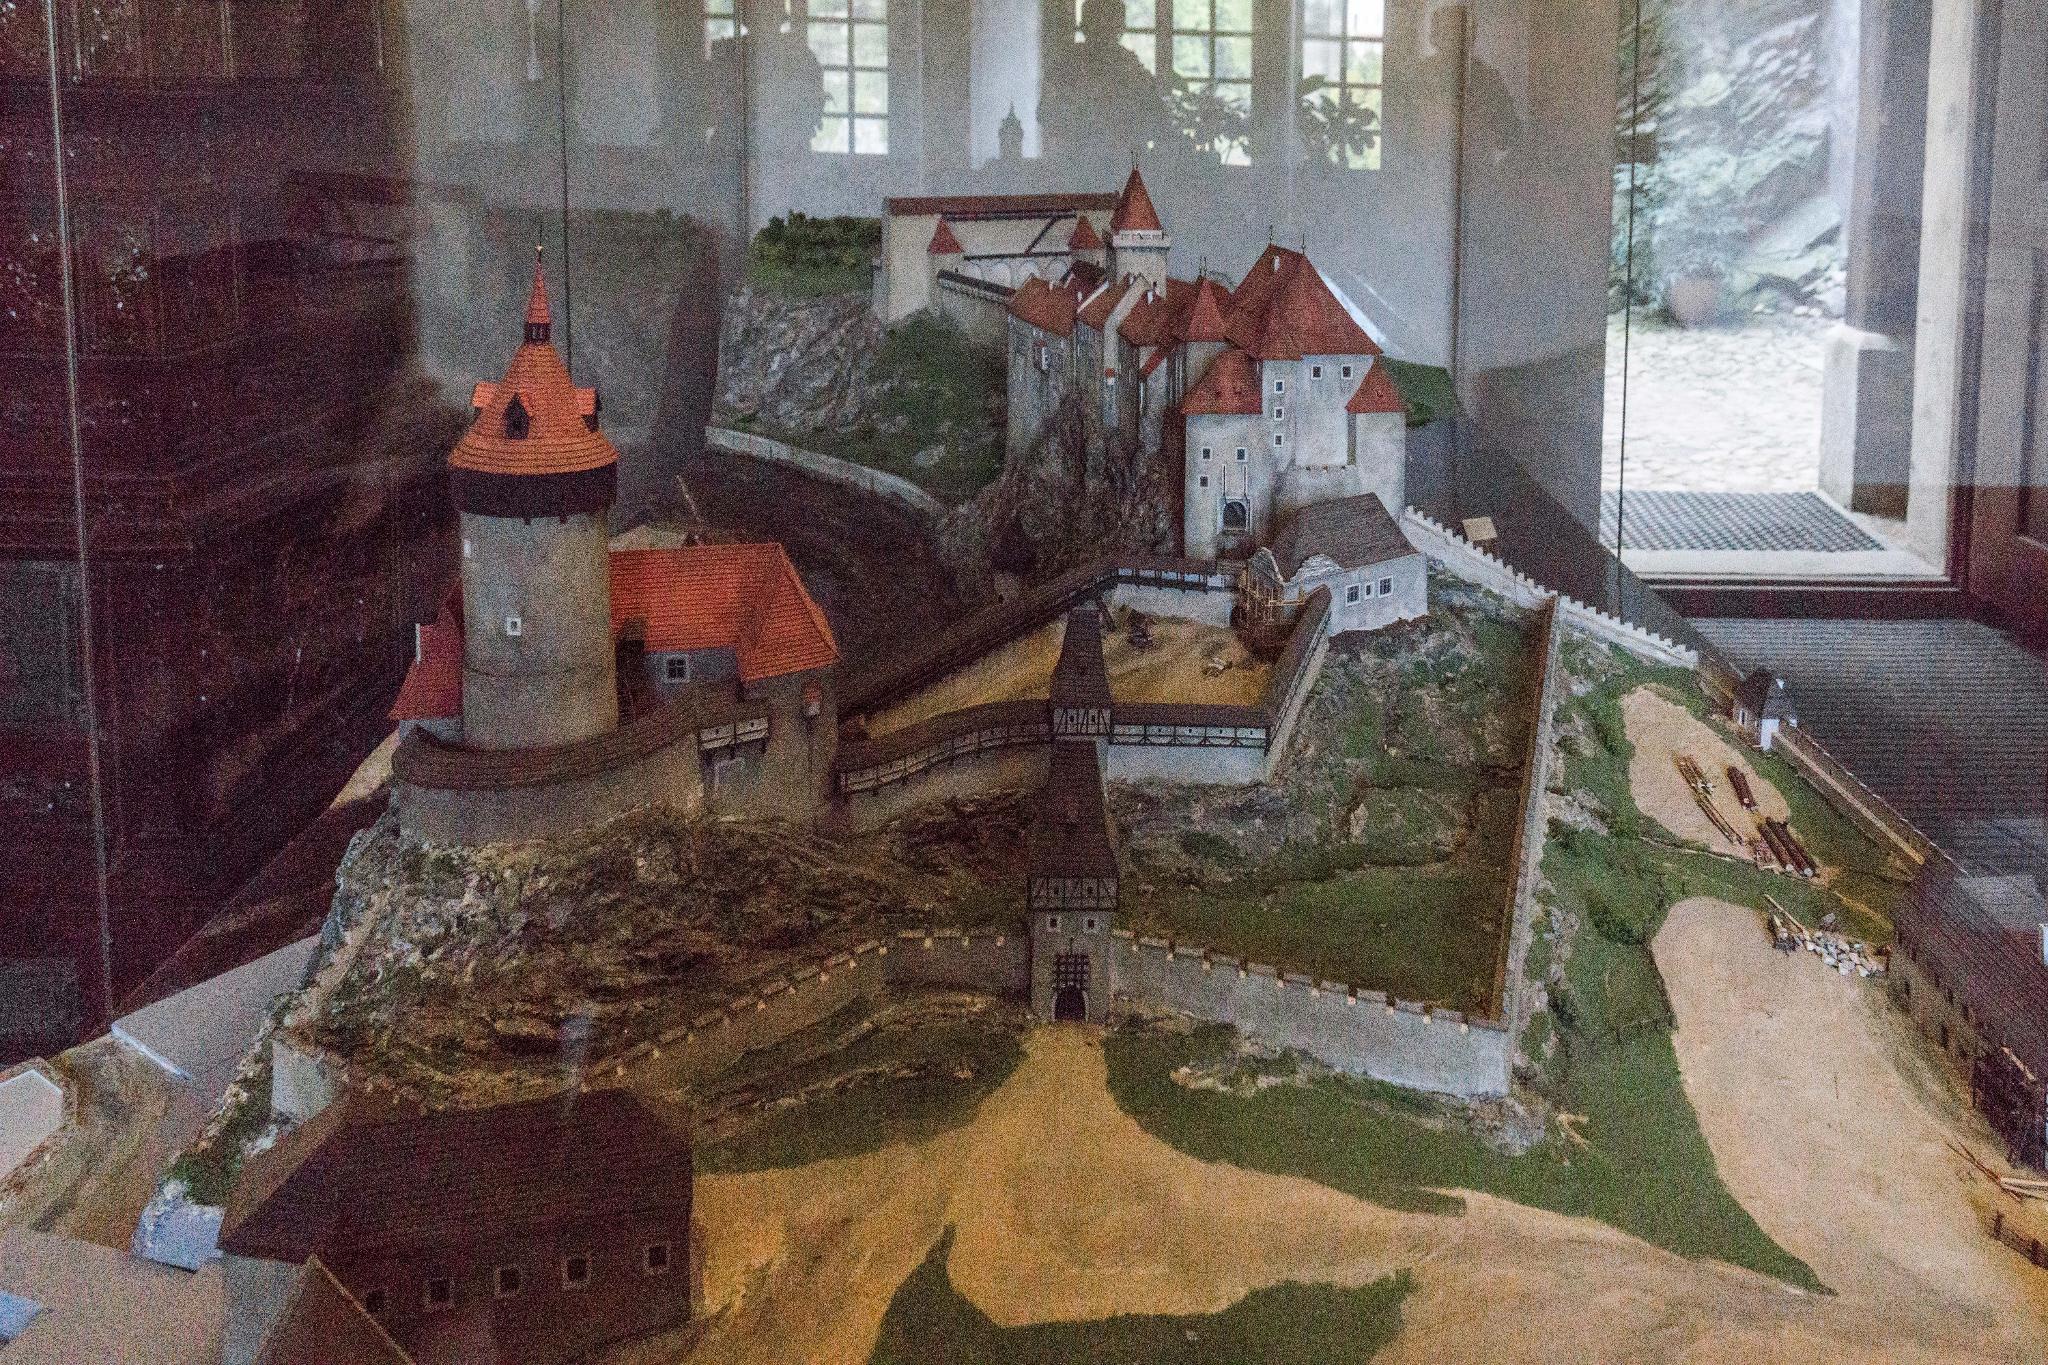 【捷克】穿越時空的波希米亞狂想曲 — Český Krumlov Castle 庫倫諾夫城堡 7